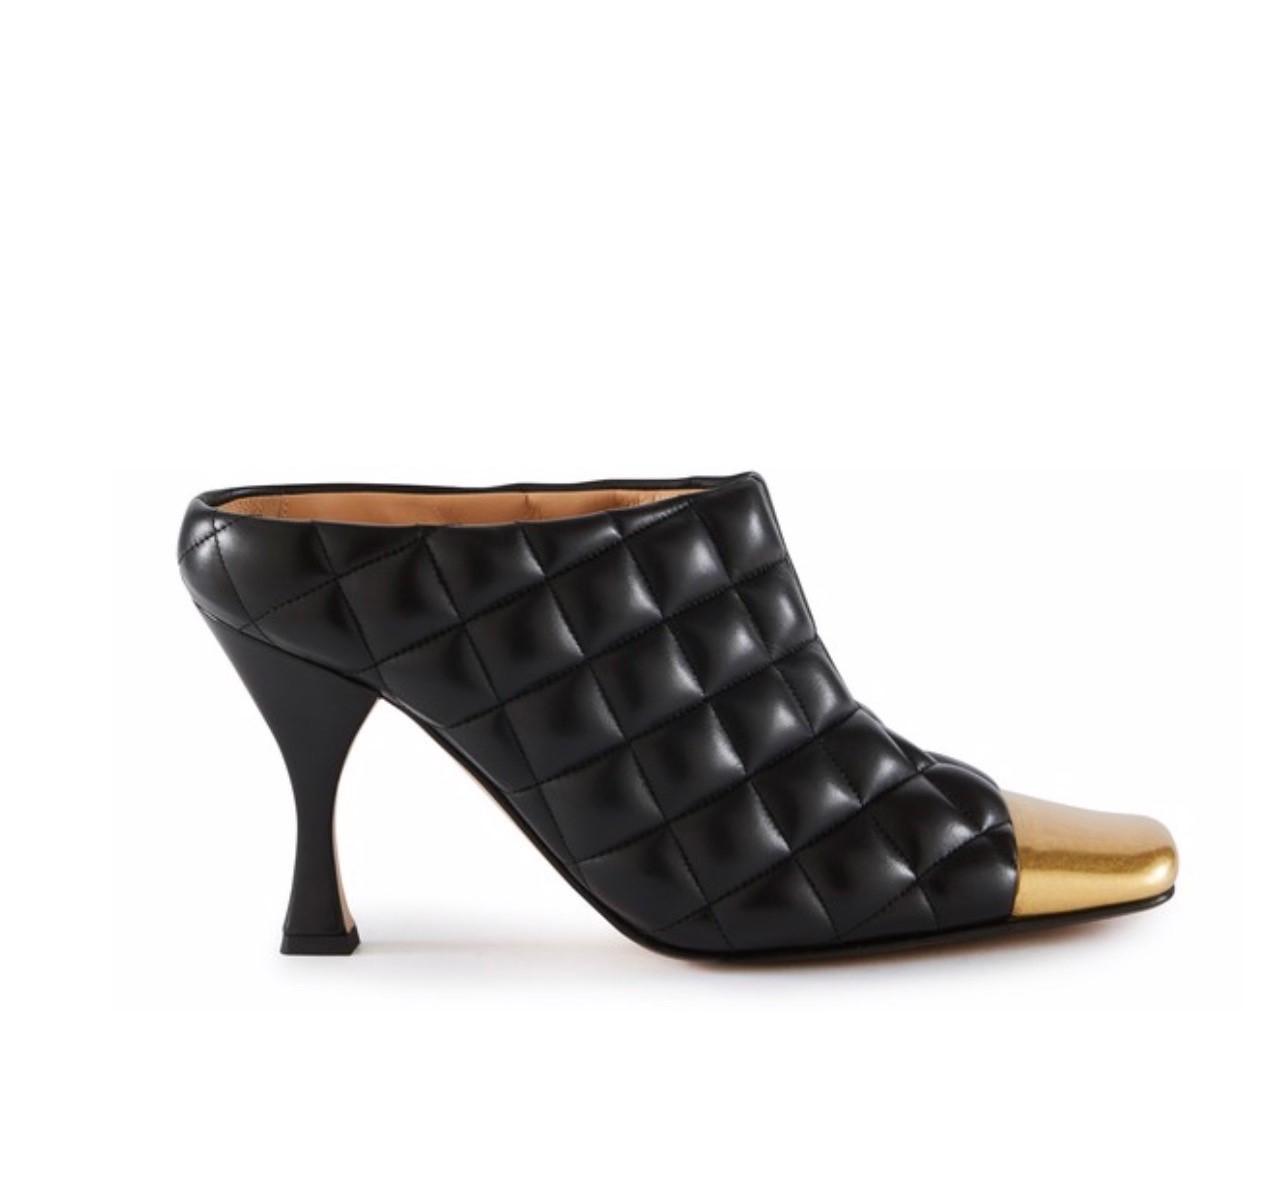 """Zapatos de punta cuadrada y piel acolchada de Bottega Veneta, es el nuevo accesorio de culto. El estilo de Daniel Lee ya se conoce como el """"Bottega effect"""", convirtiéndolo en el aparente heredero de la estética del """"antiguo Céline"""" bajo Phoebe Philo. (Suministrada)"""